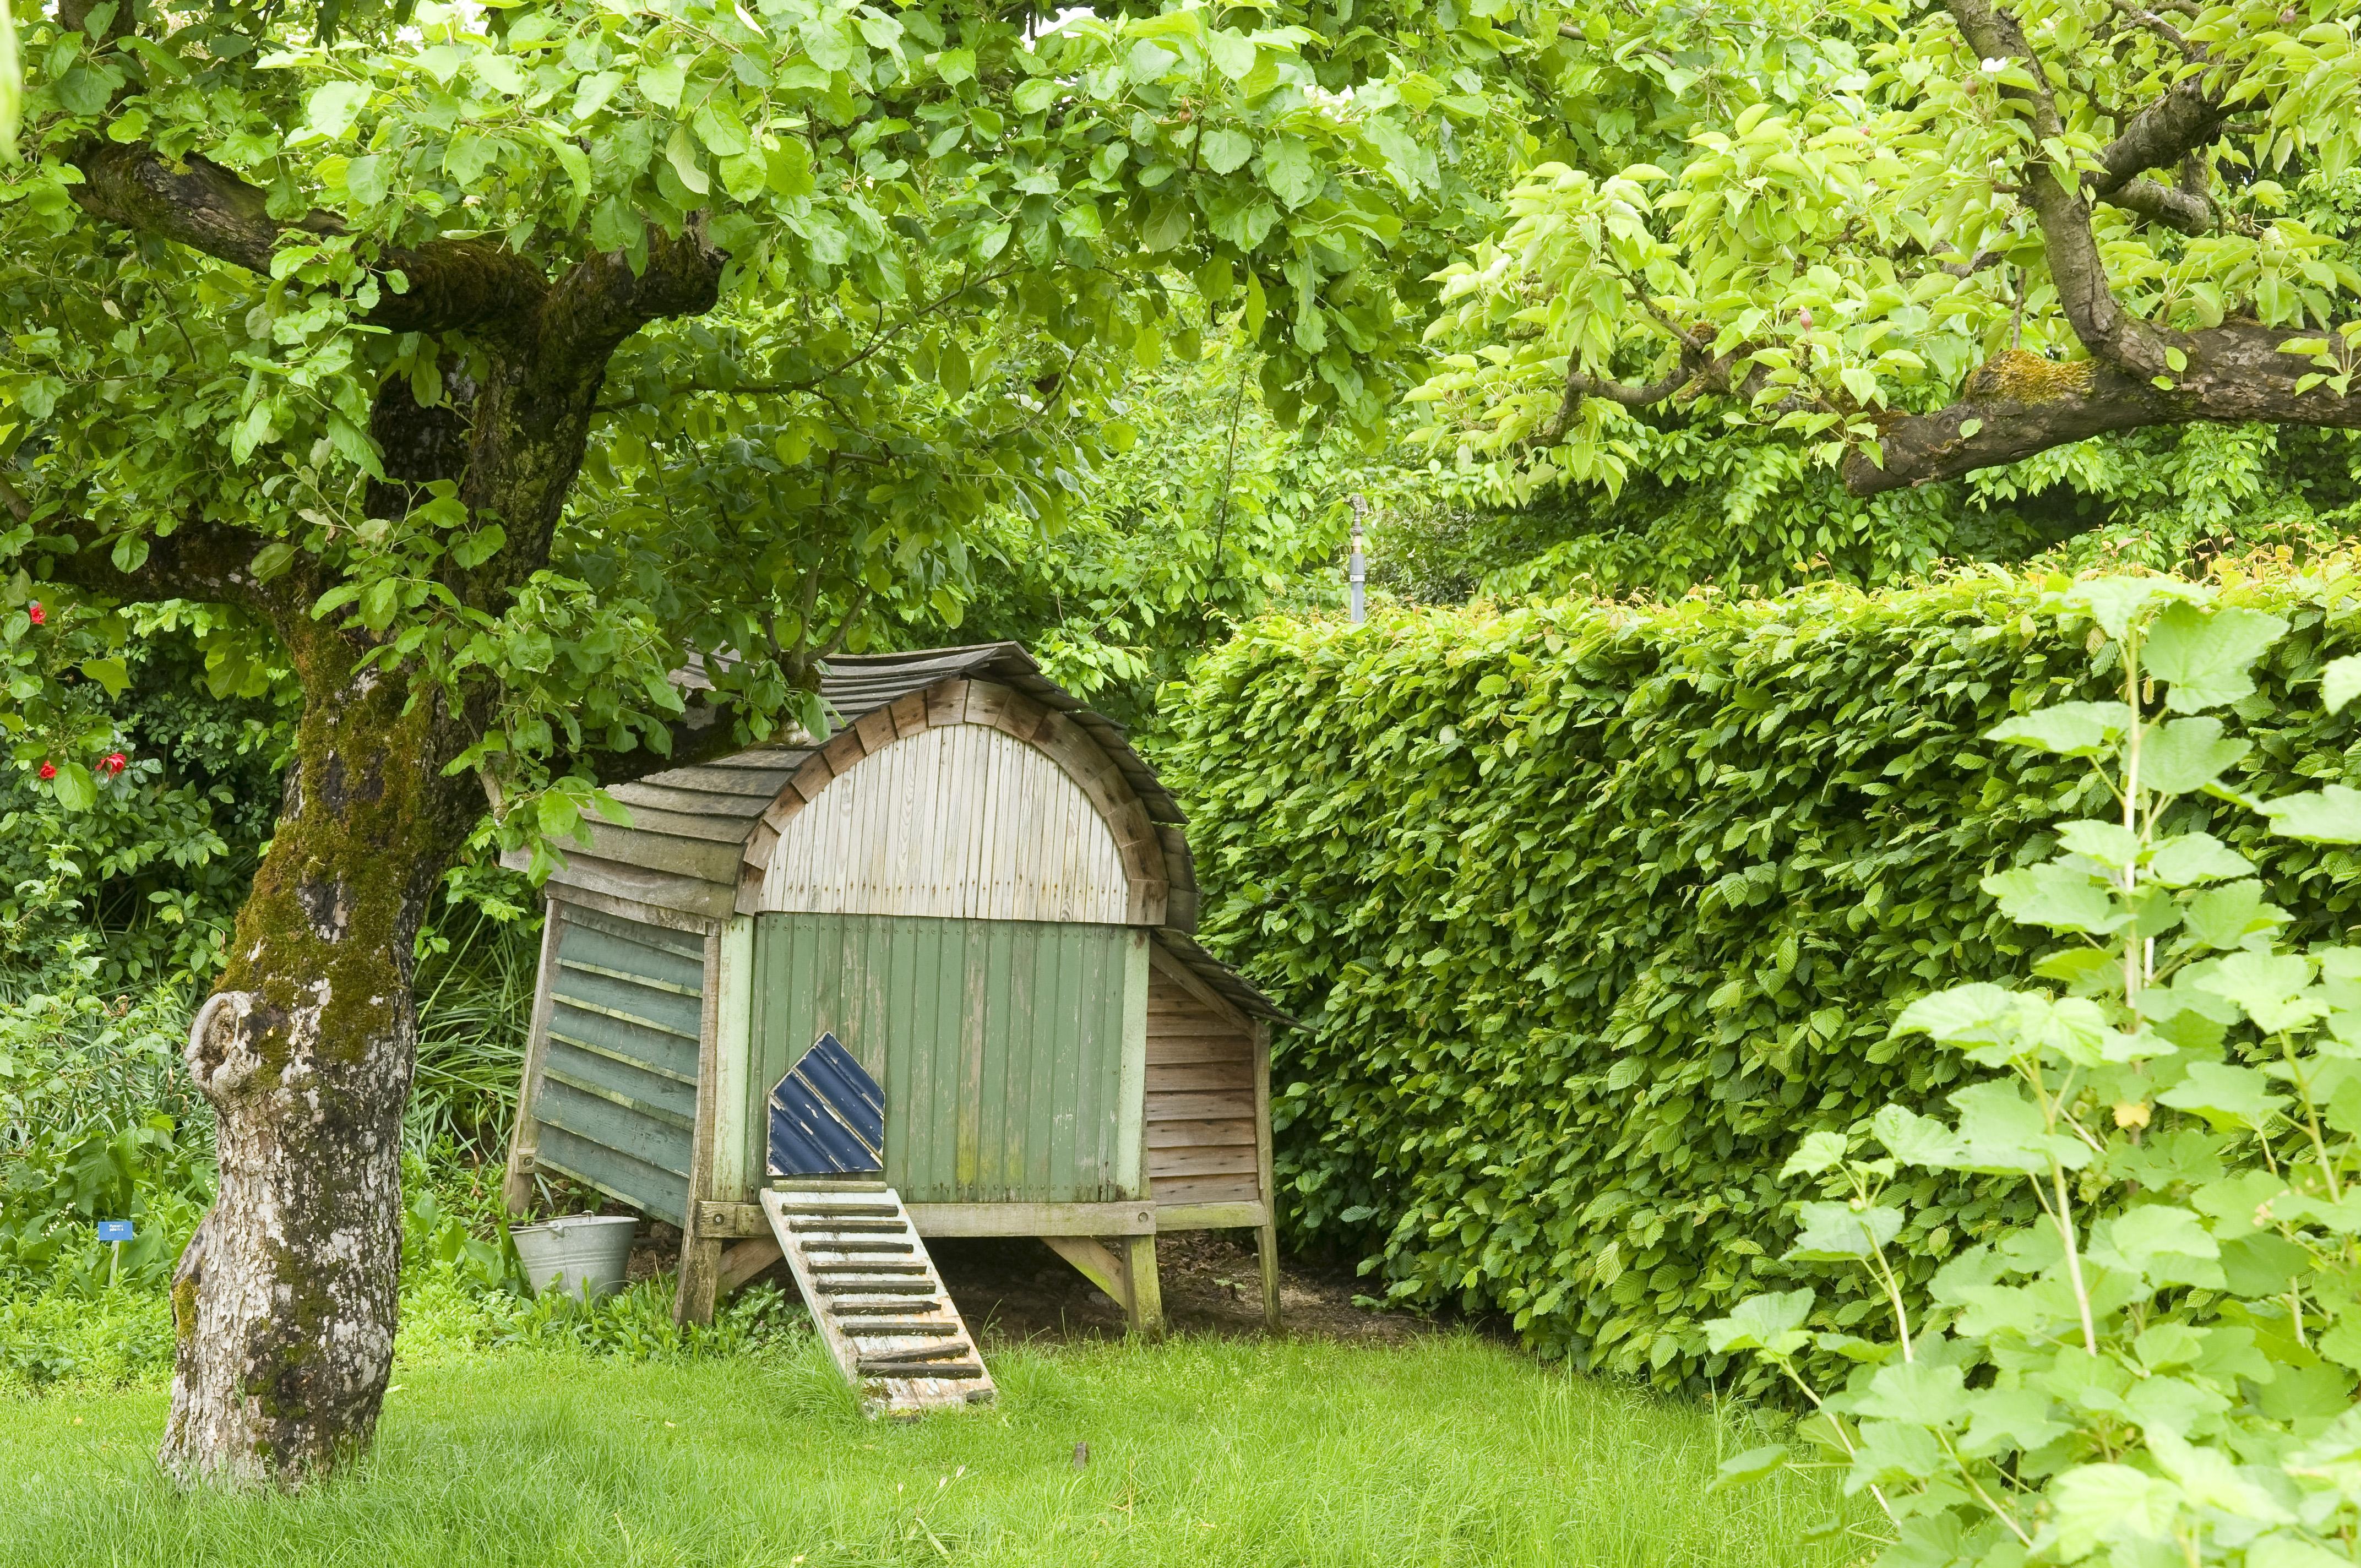 Uitgelezene Tuin met boomgaardgevoel! | De Tuinen van Appeltern SG-35